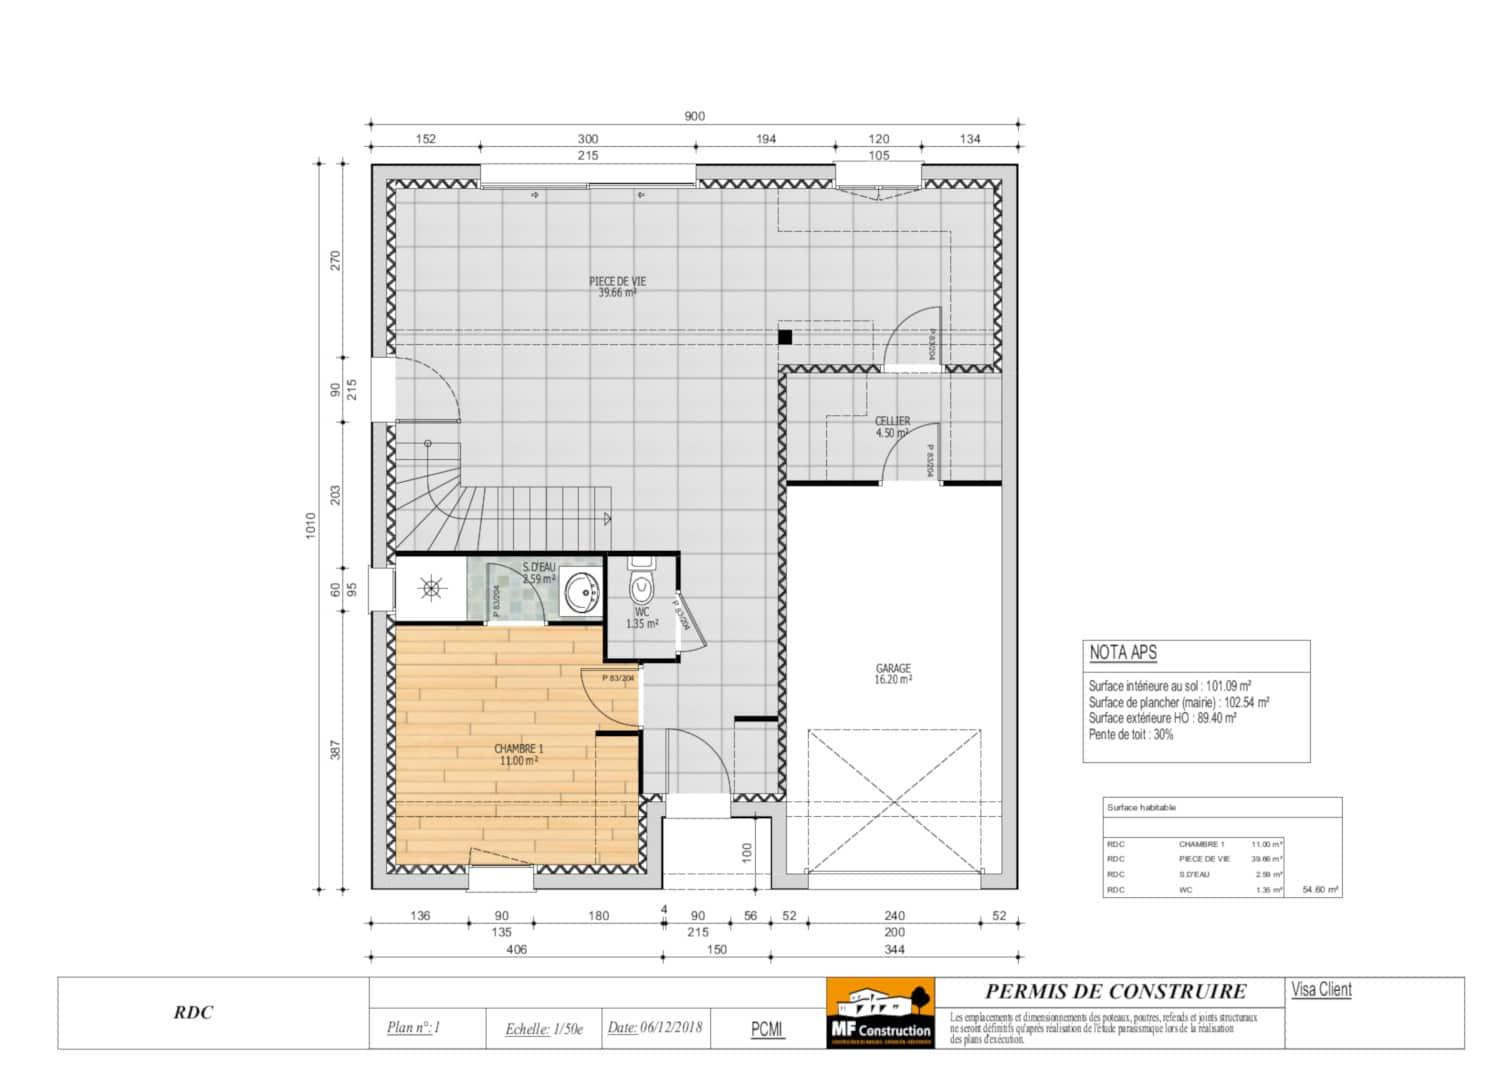 Plan Maison 4 Chambres Avec étage Mf Construction